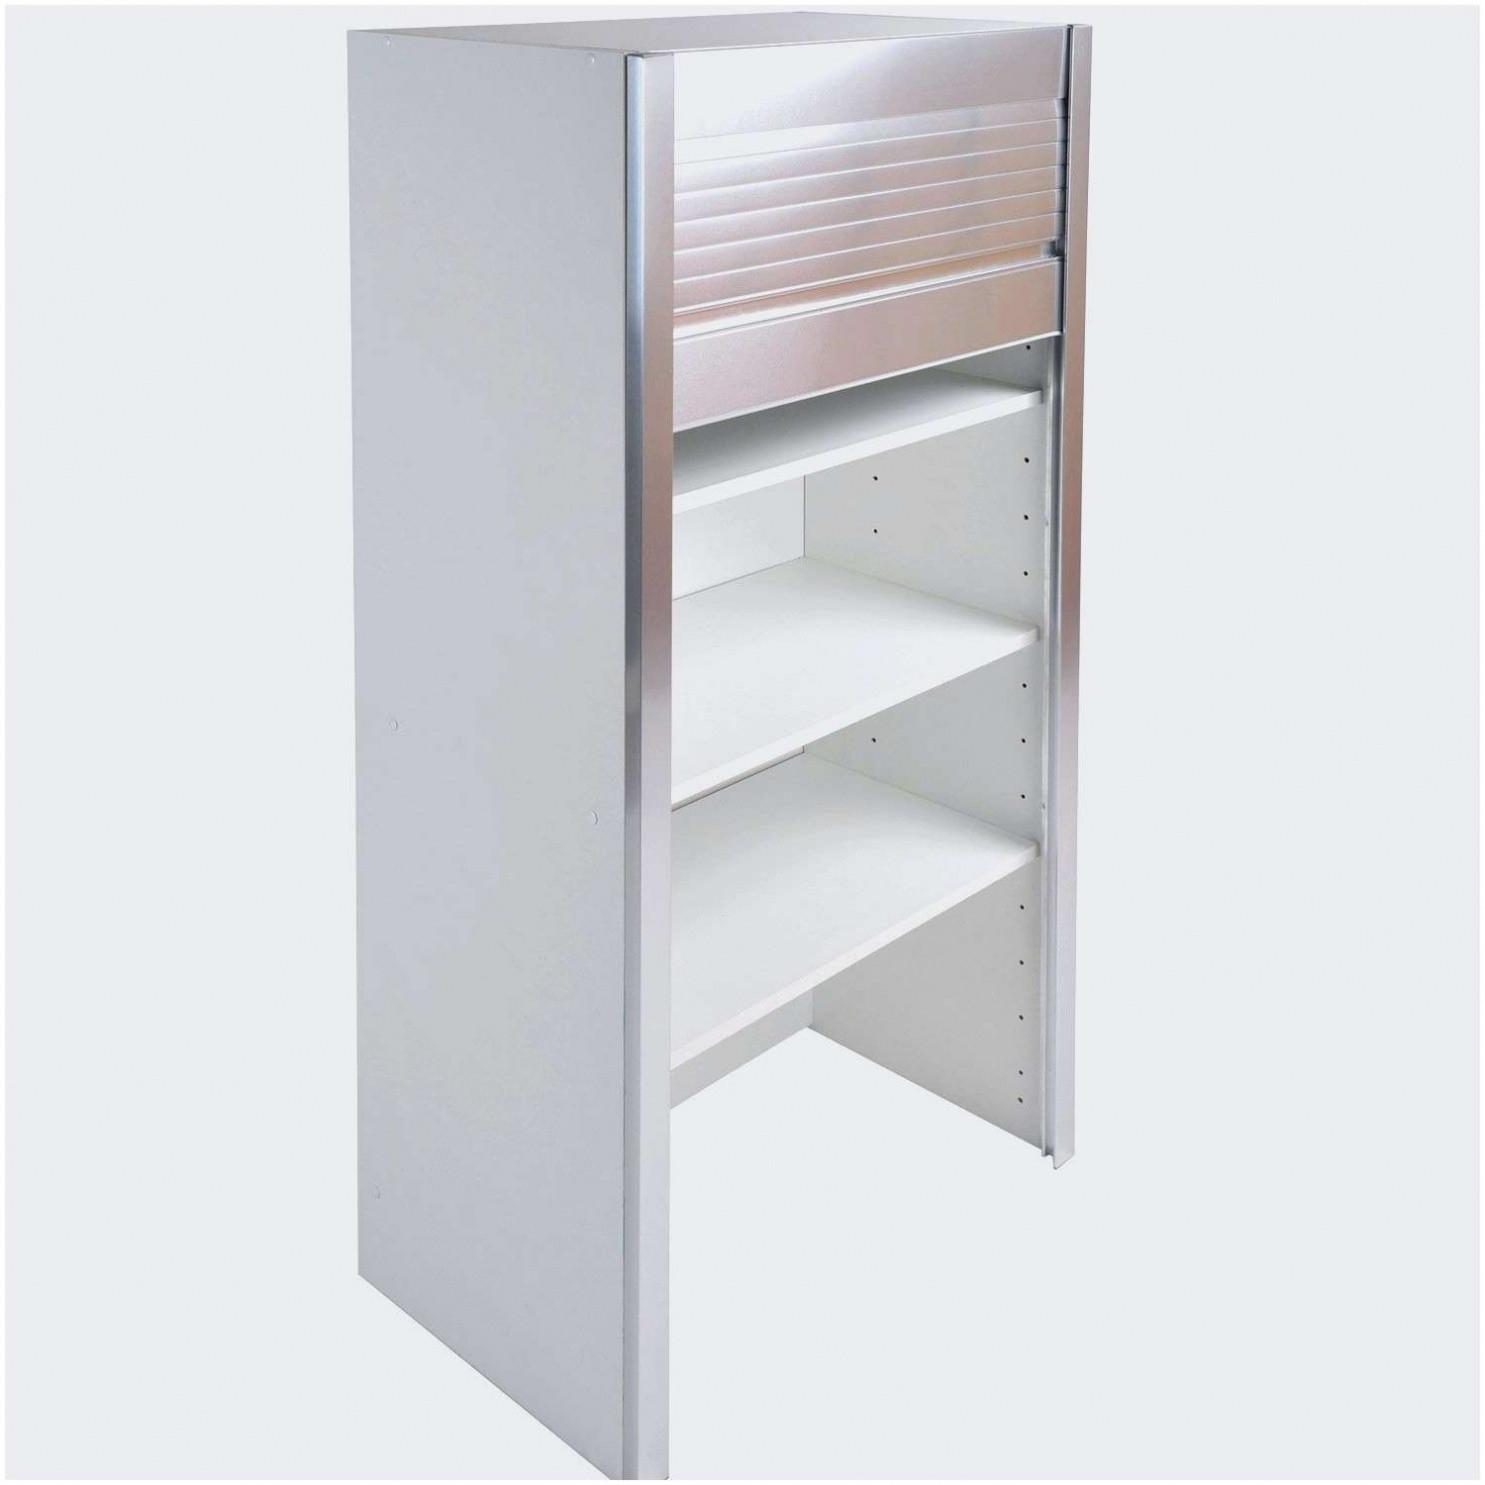 meuble faible profondeur unique meuble bas cuisine faible profondeur frais four cuisine 0d of meuble faible profondeur